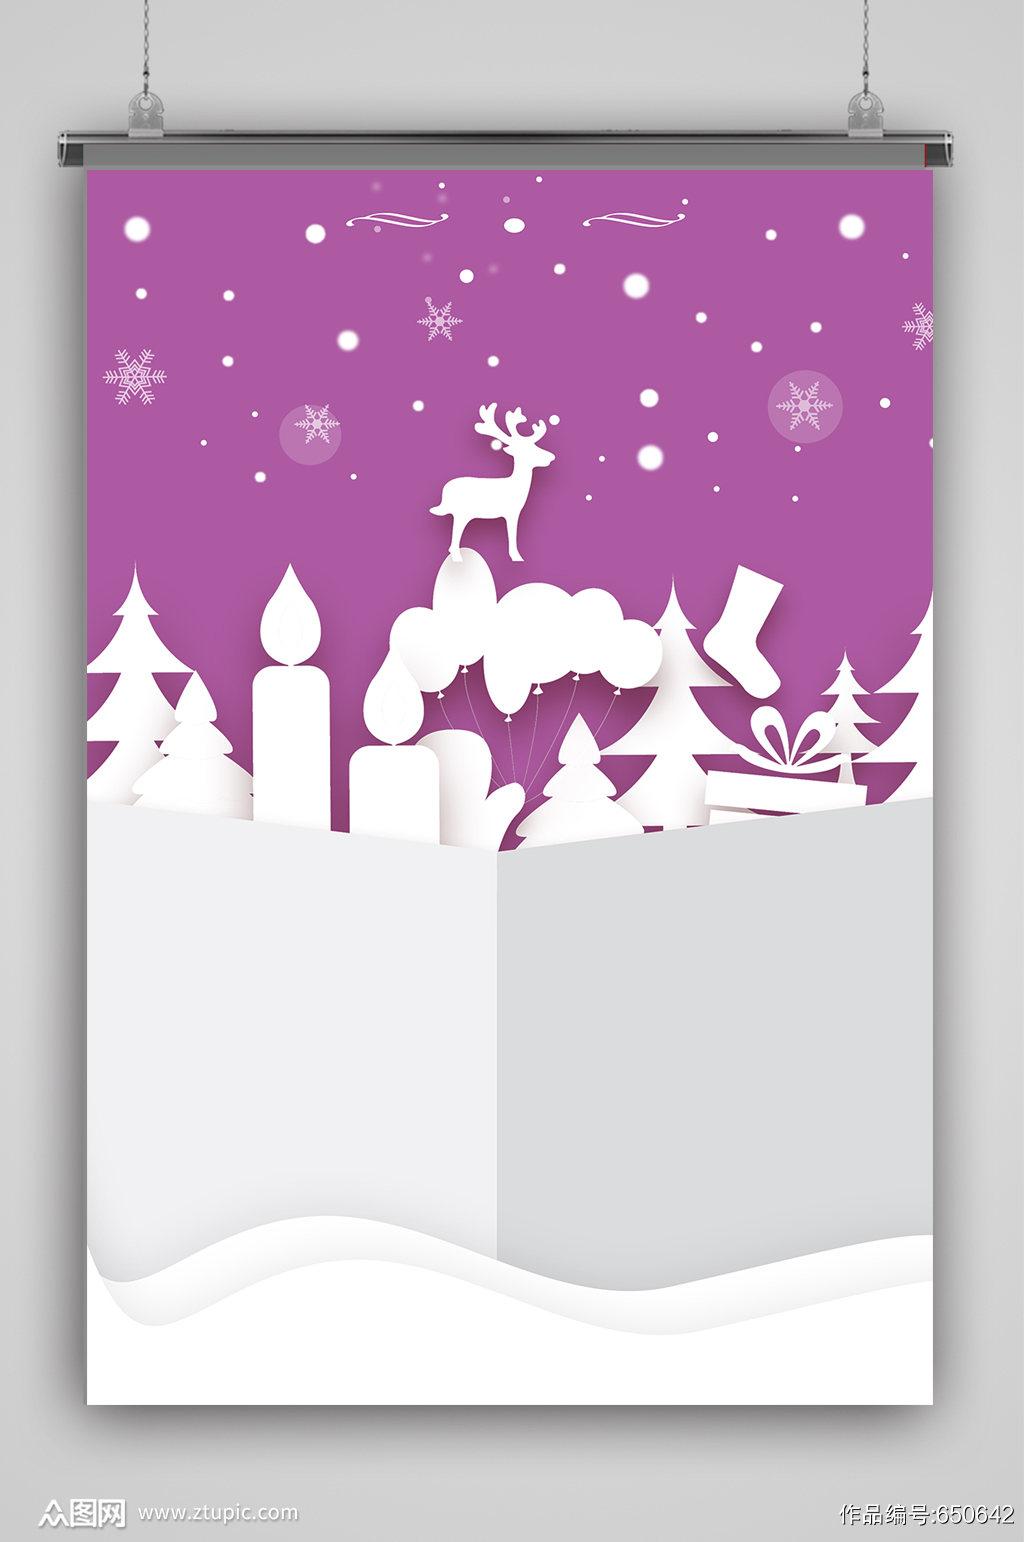 卡通麋鹿圣诞节海报背景素材